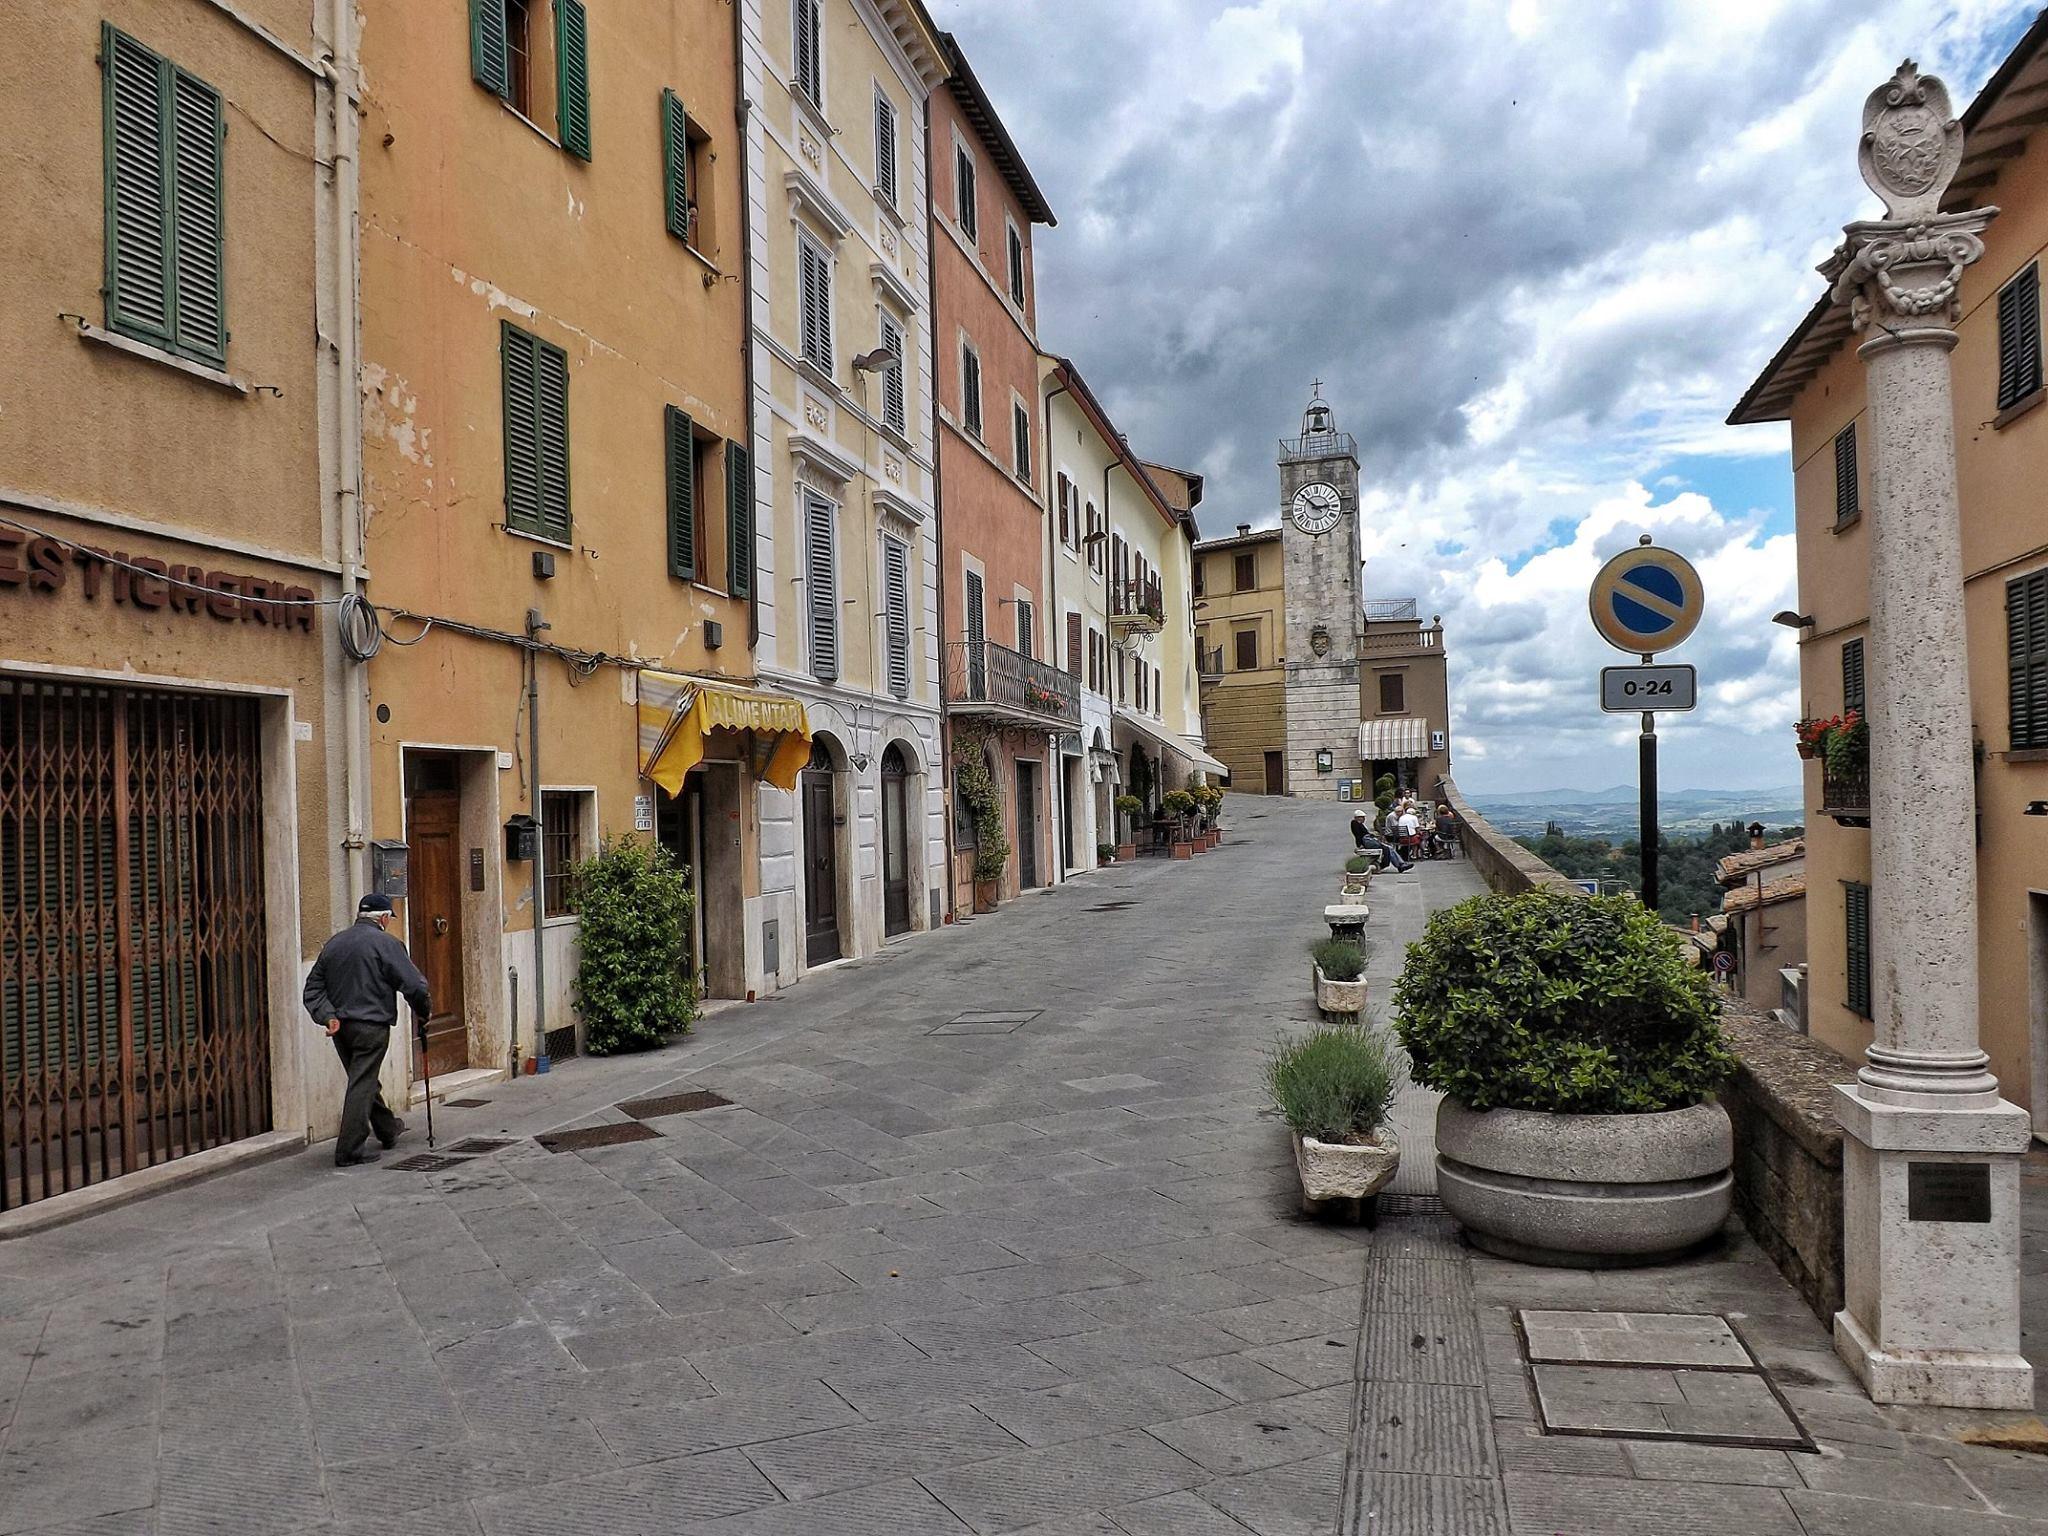 Fotos de Alessandro Bertini do blog https://www.girovagate.com